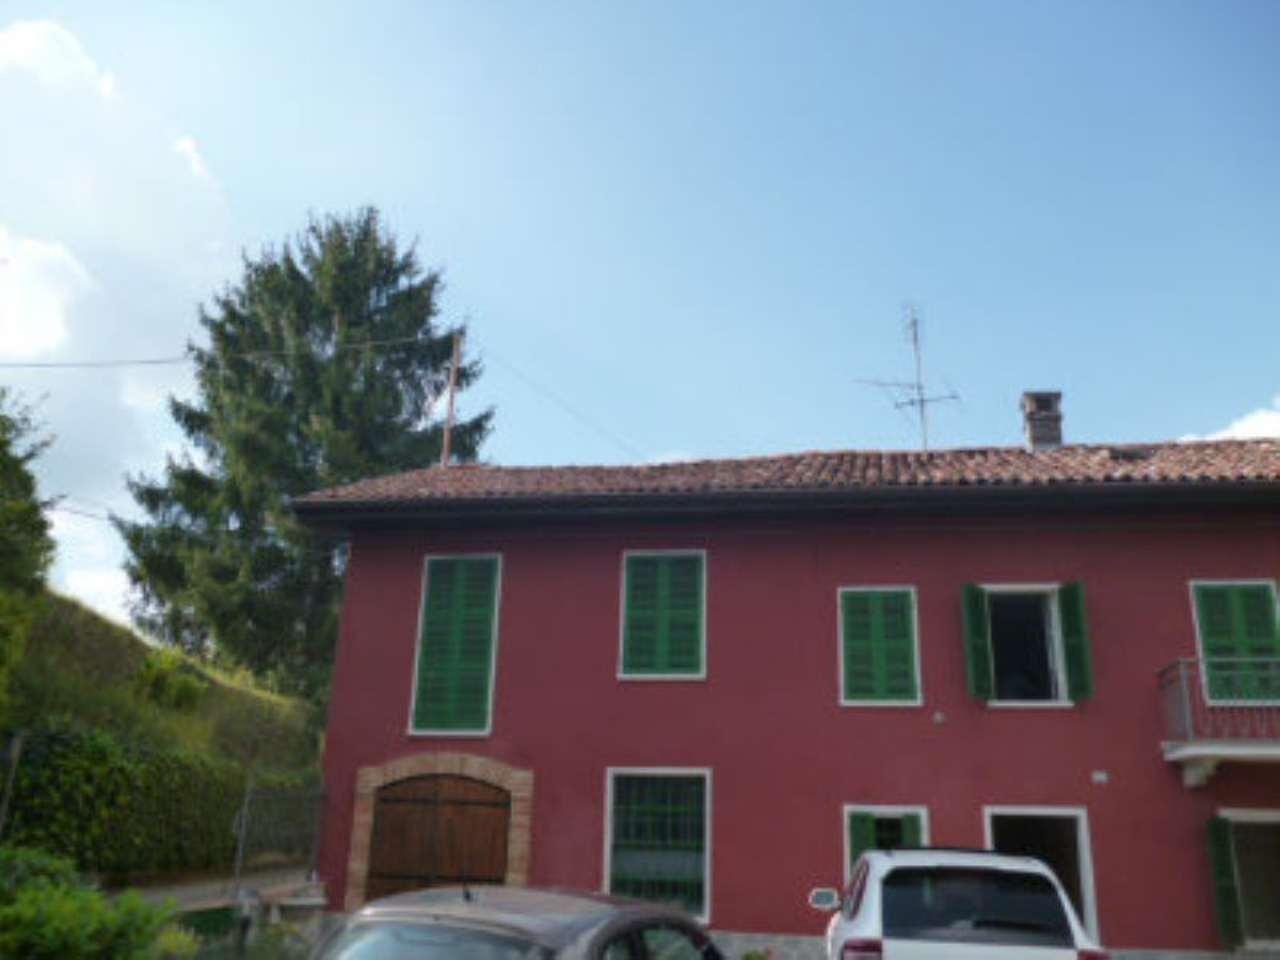 Rustico / Casale in affitto a Cossombrato, 5 locali, prezzo € 450 | Cambio Casa.it